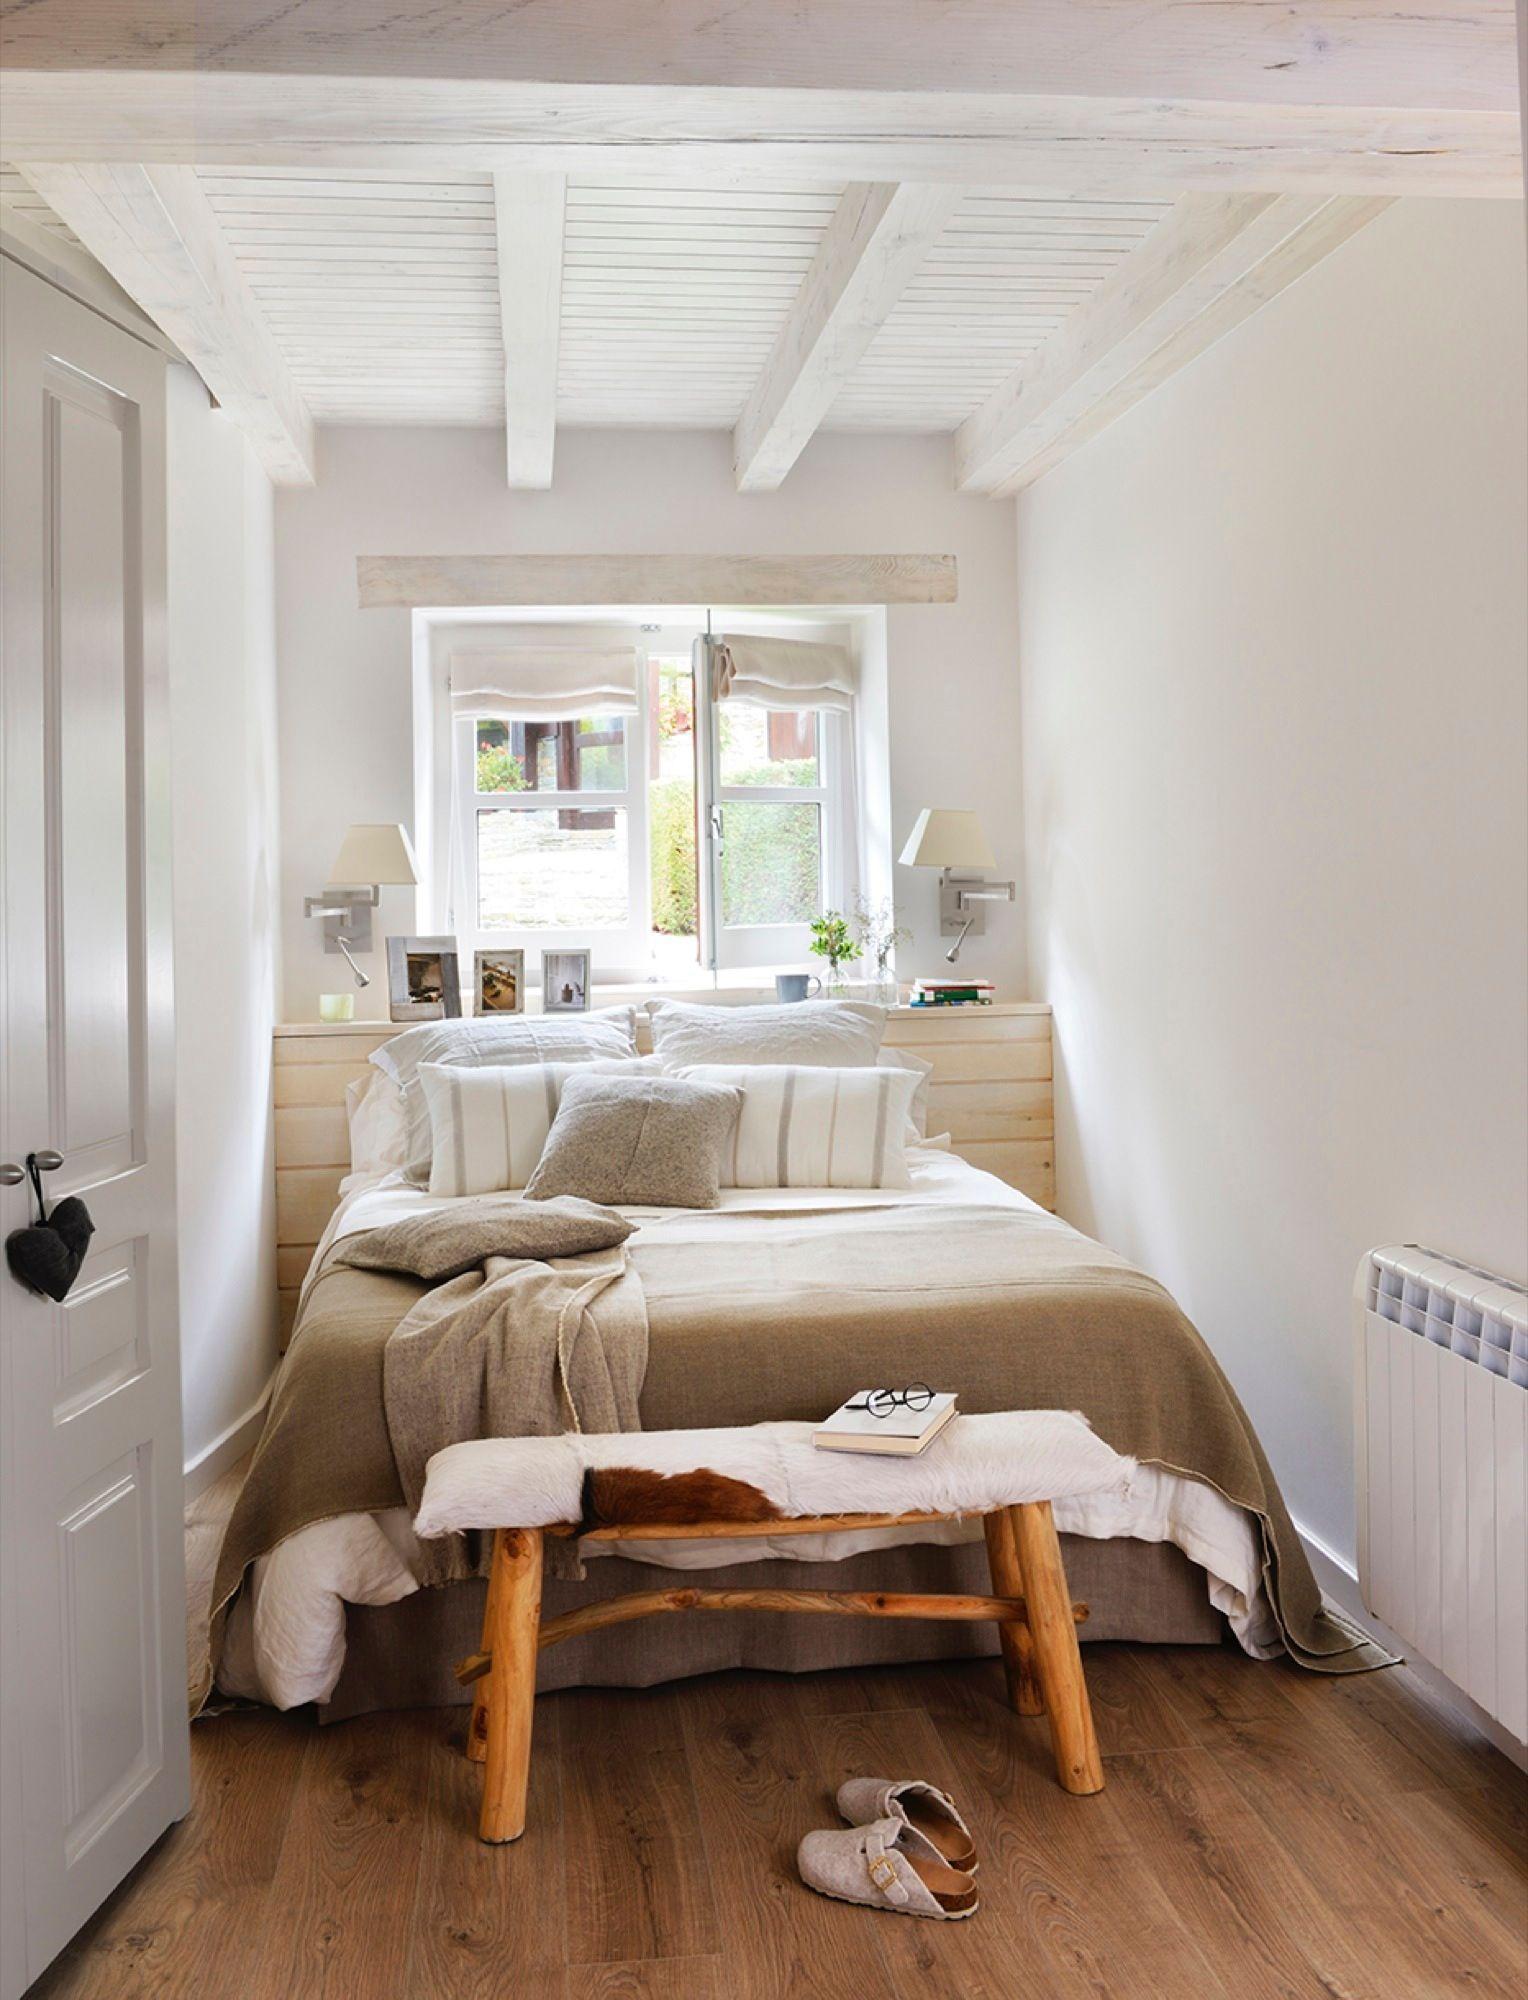 El dormitorio principal cool spaces dormitorios piso peque o y dormitorio deco - Bancos para dormitorio matrimonio ...